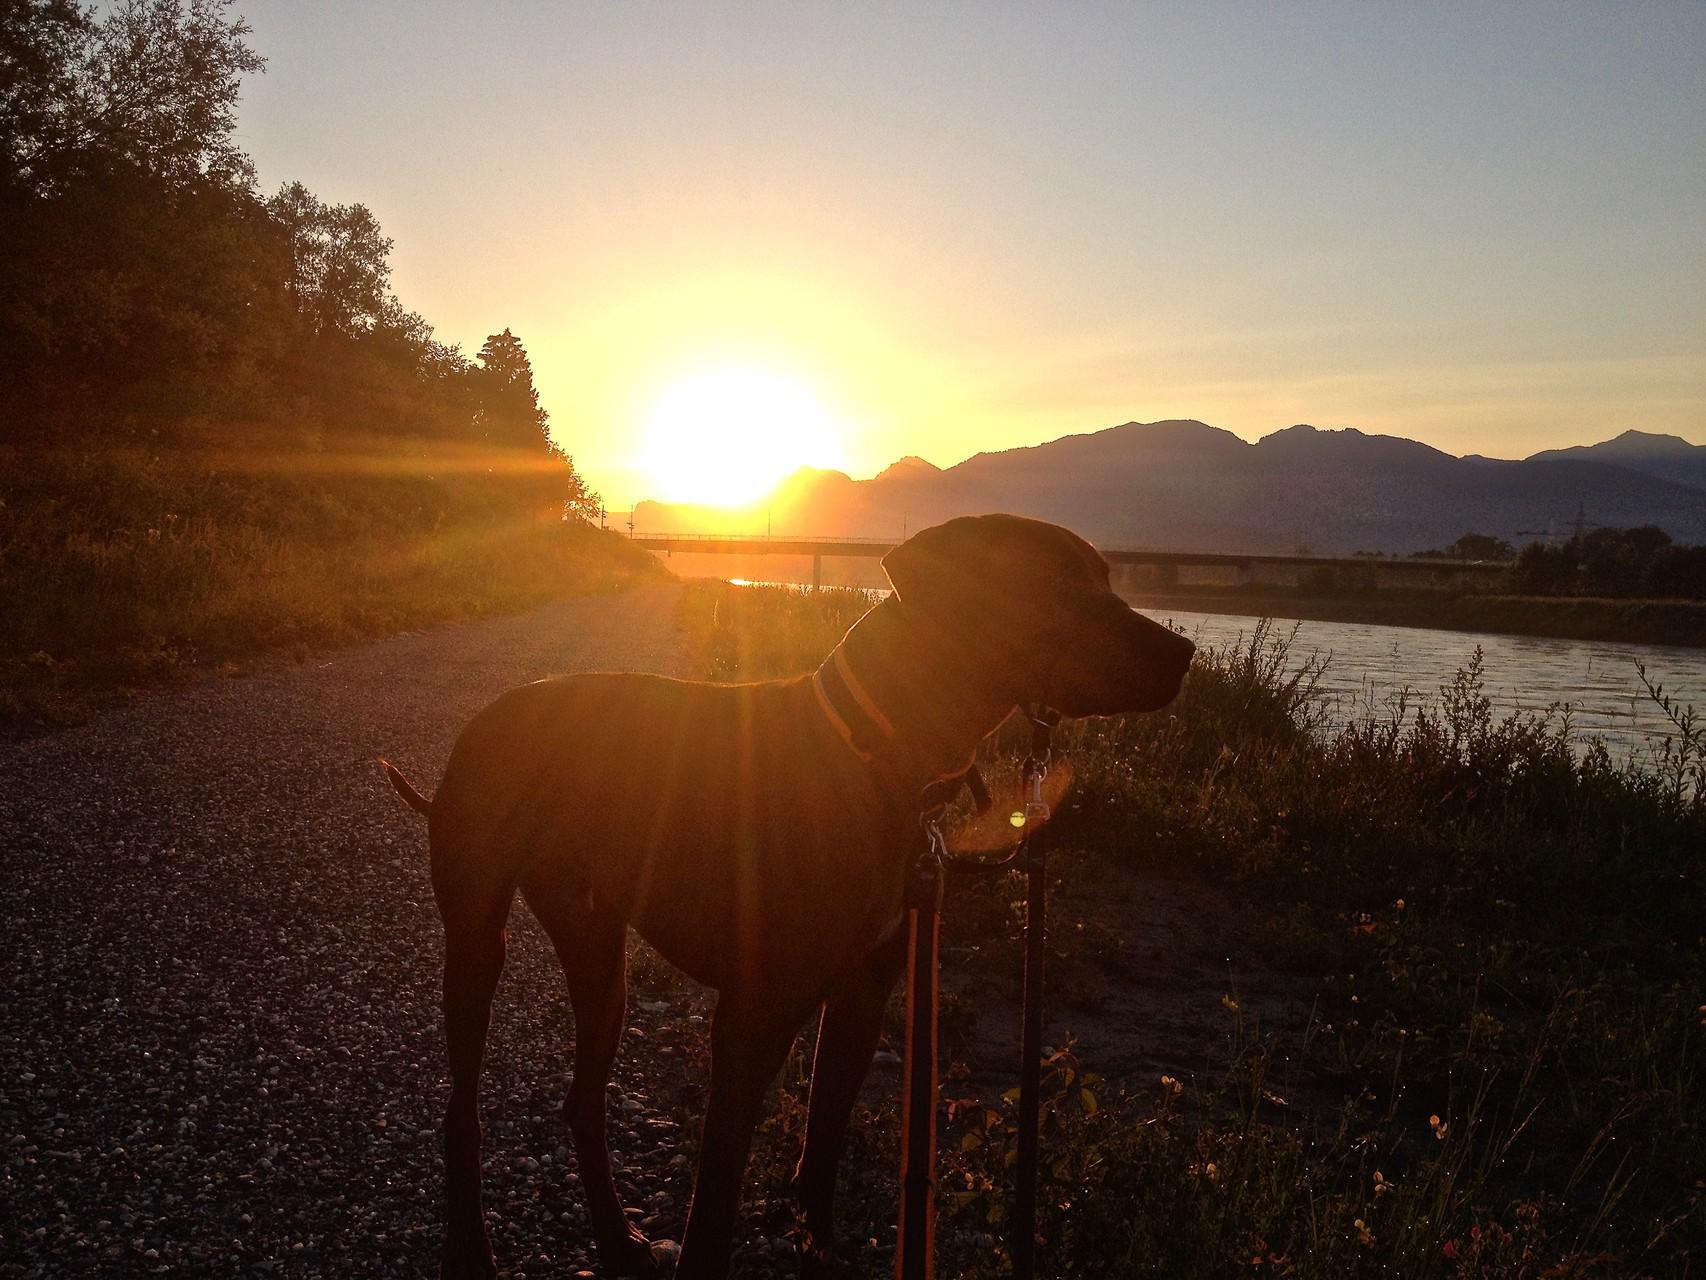 Sonnenaufgang am Grenzübergang Österreich-Schweiz